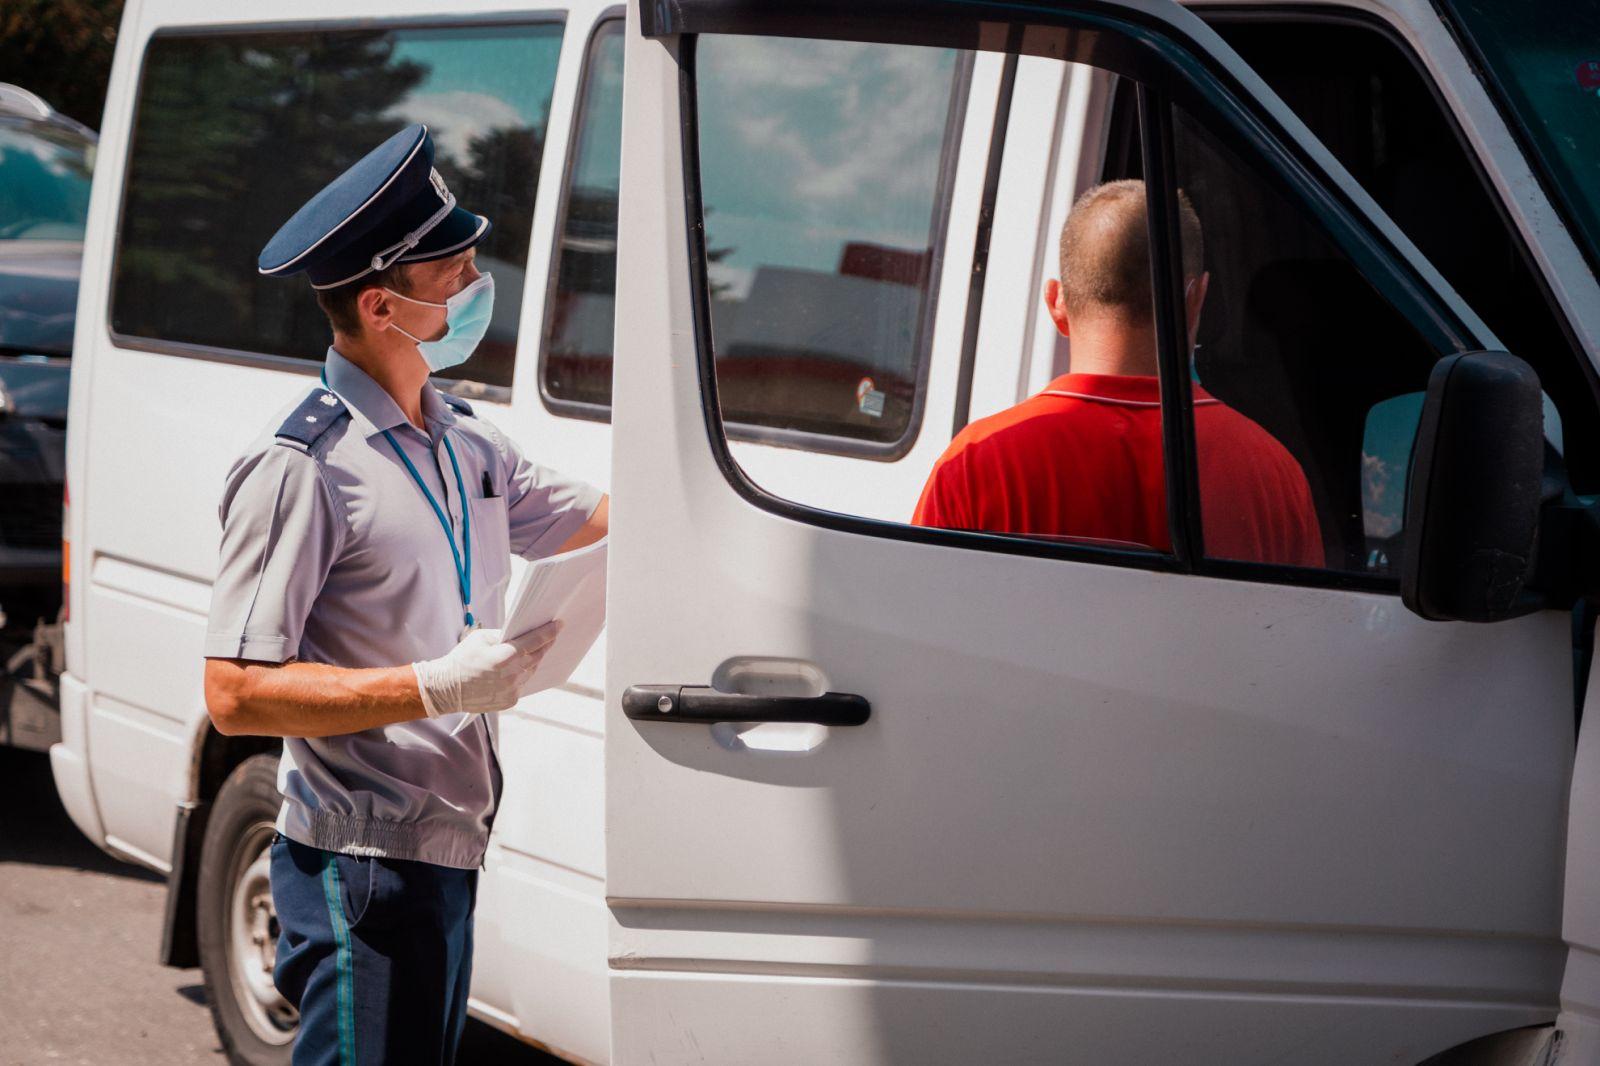 Au crezut că vor scăpa de autoizolare, dar polițiștii de frontieră au constatat că testele COVID-19 sunt false!